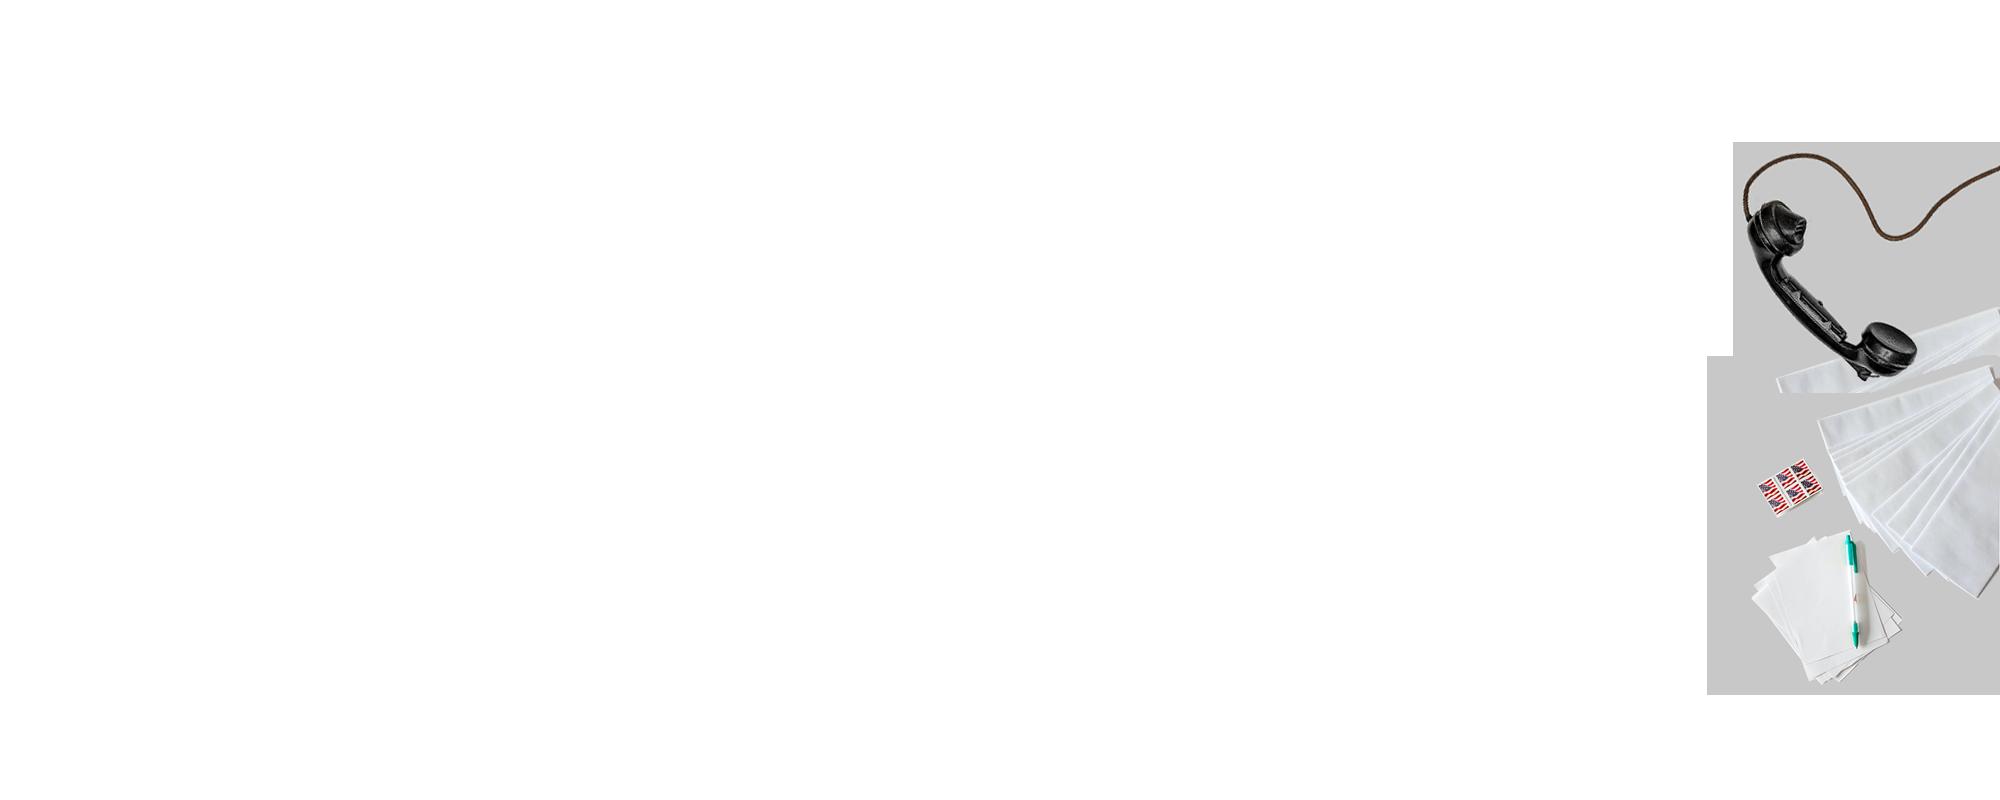 esr-contact